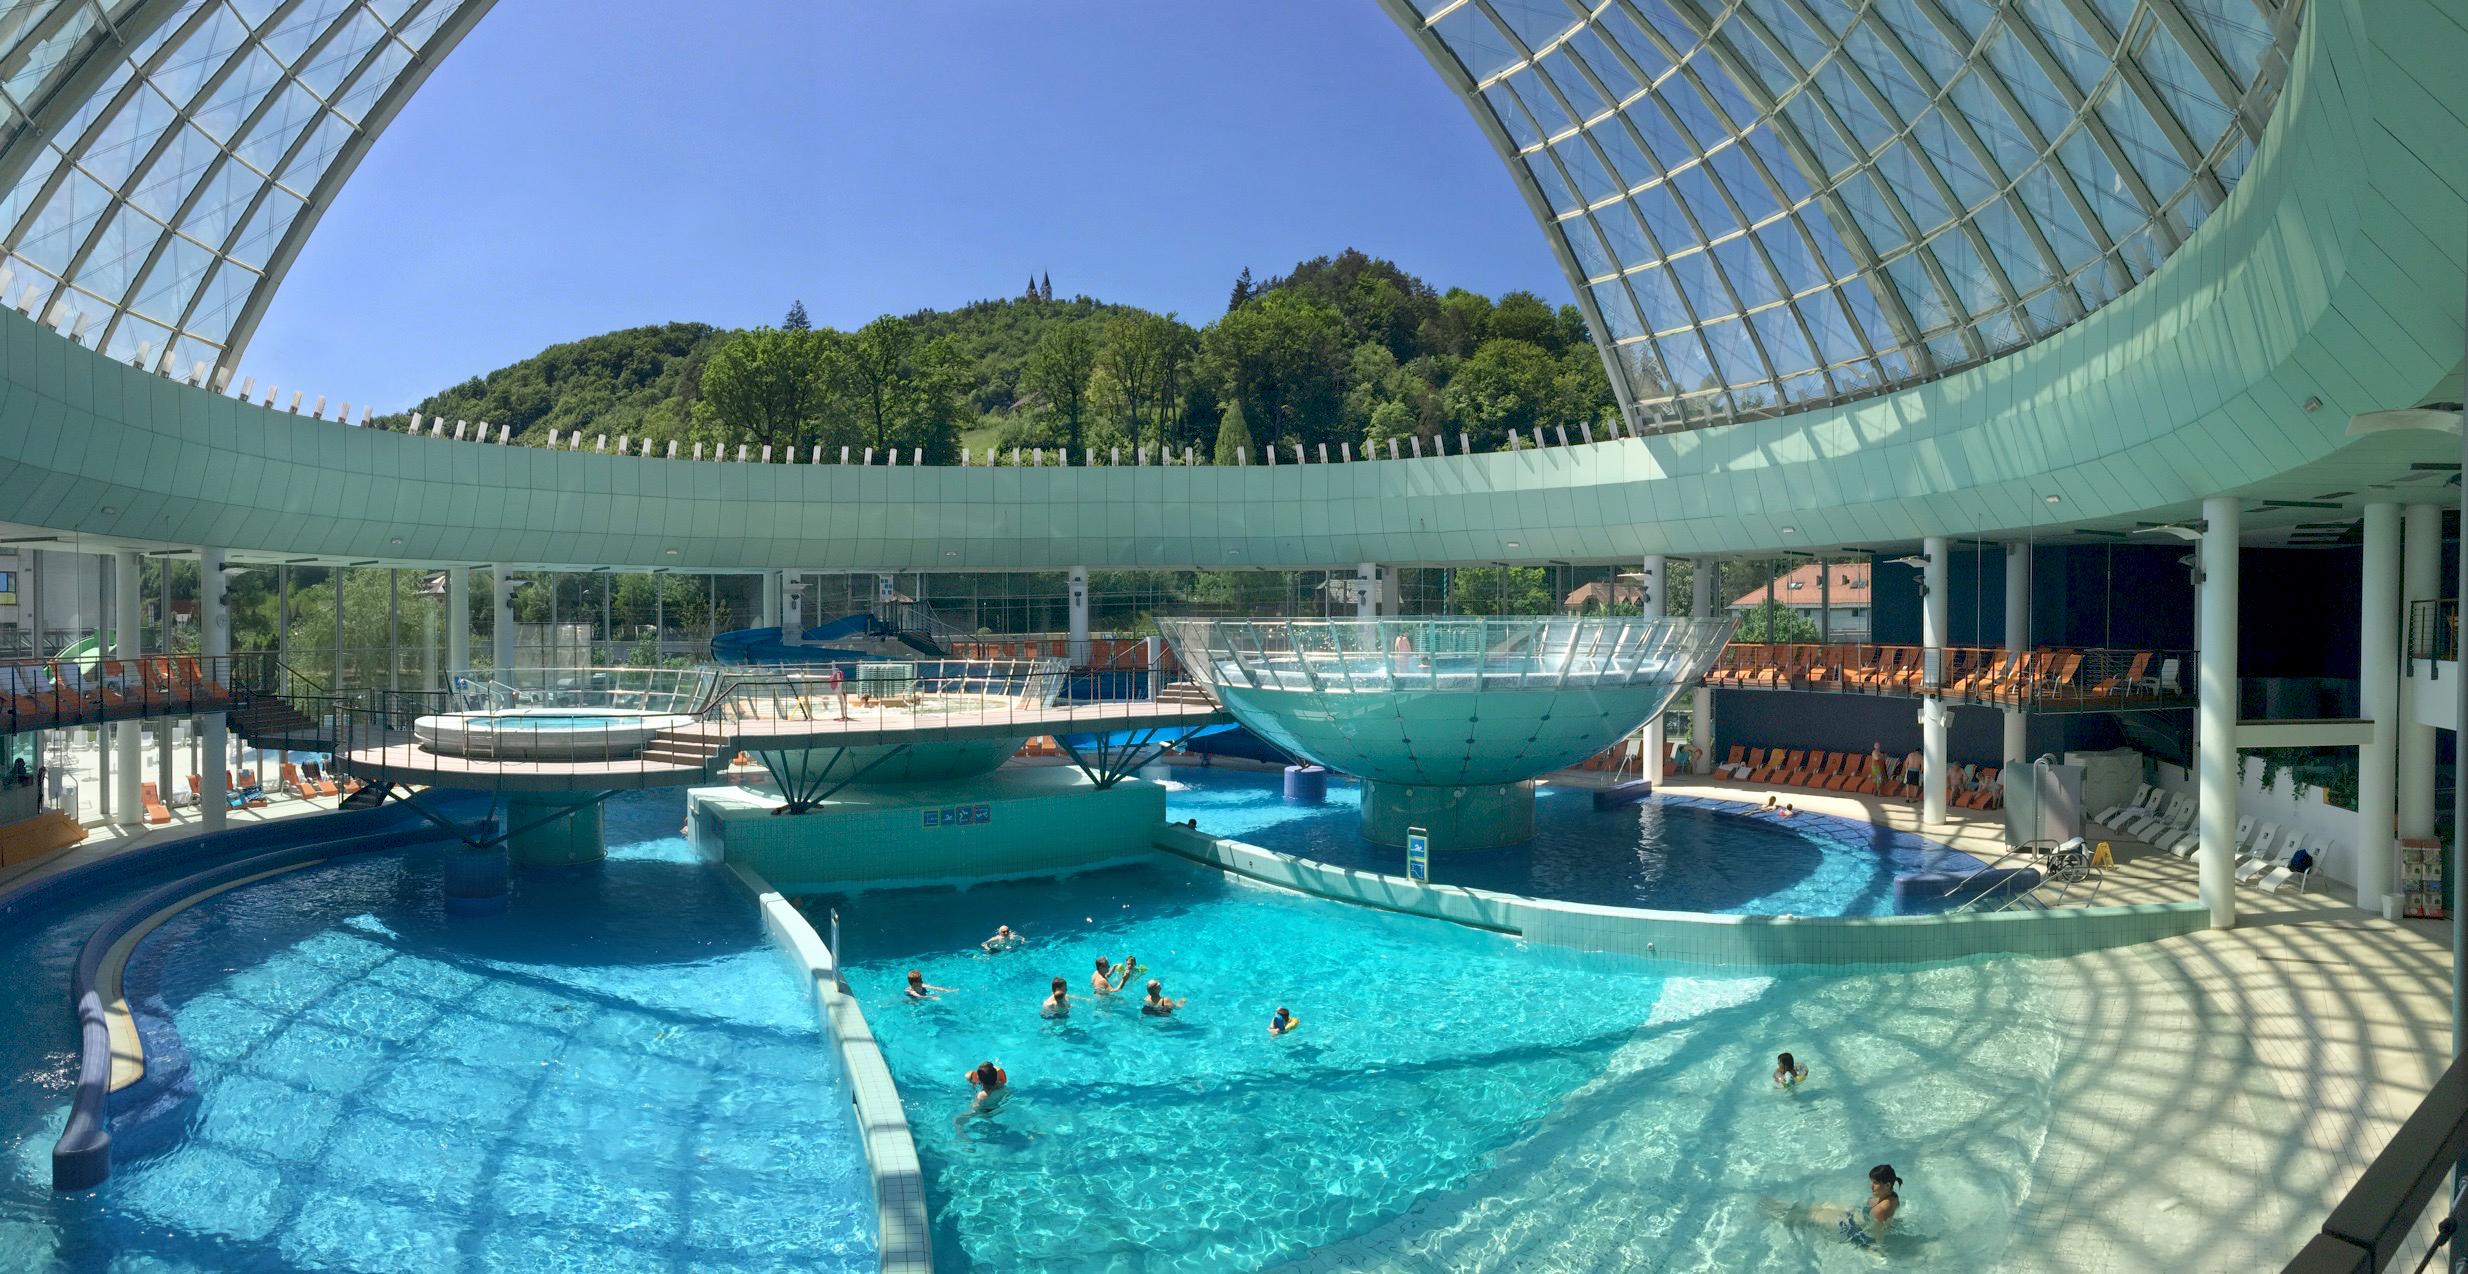 Le 5 migliori terme in slovenia ecco dove andare for Wellness hotel slovenia